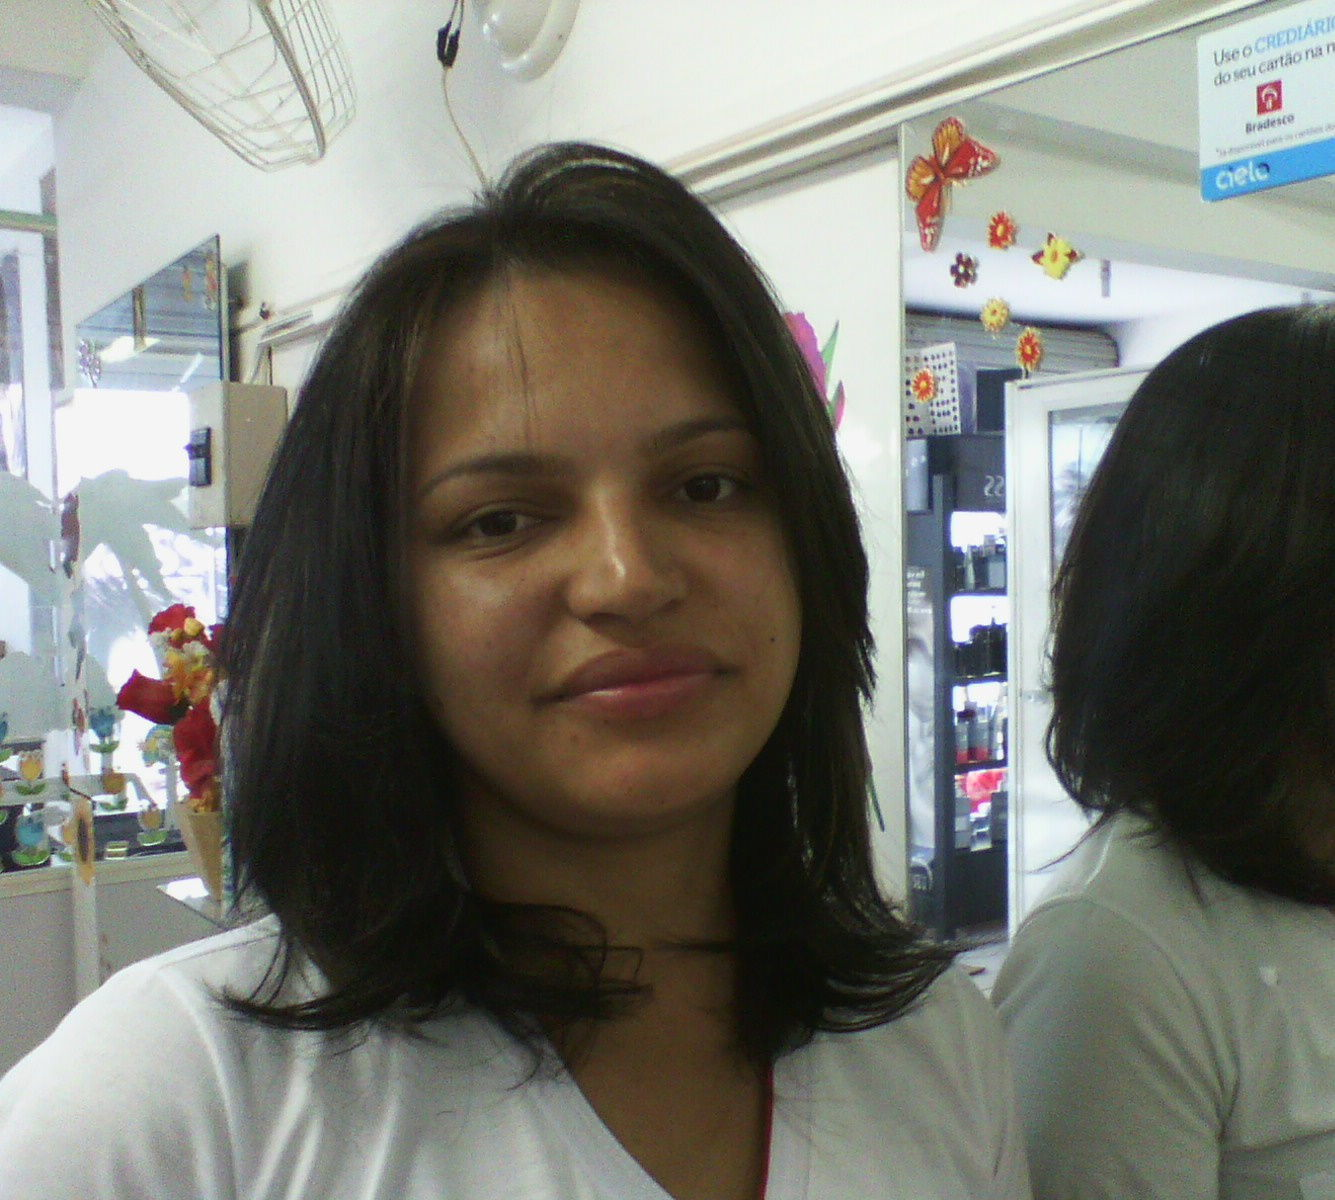 maquiagem e penteado e corte e cor, e luzes...., Vani Gomes. Depois 2 cabeleireiro(a) stylist maquiador(a) massagista visagista